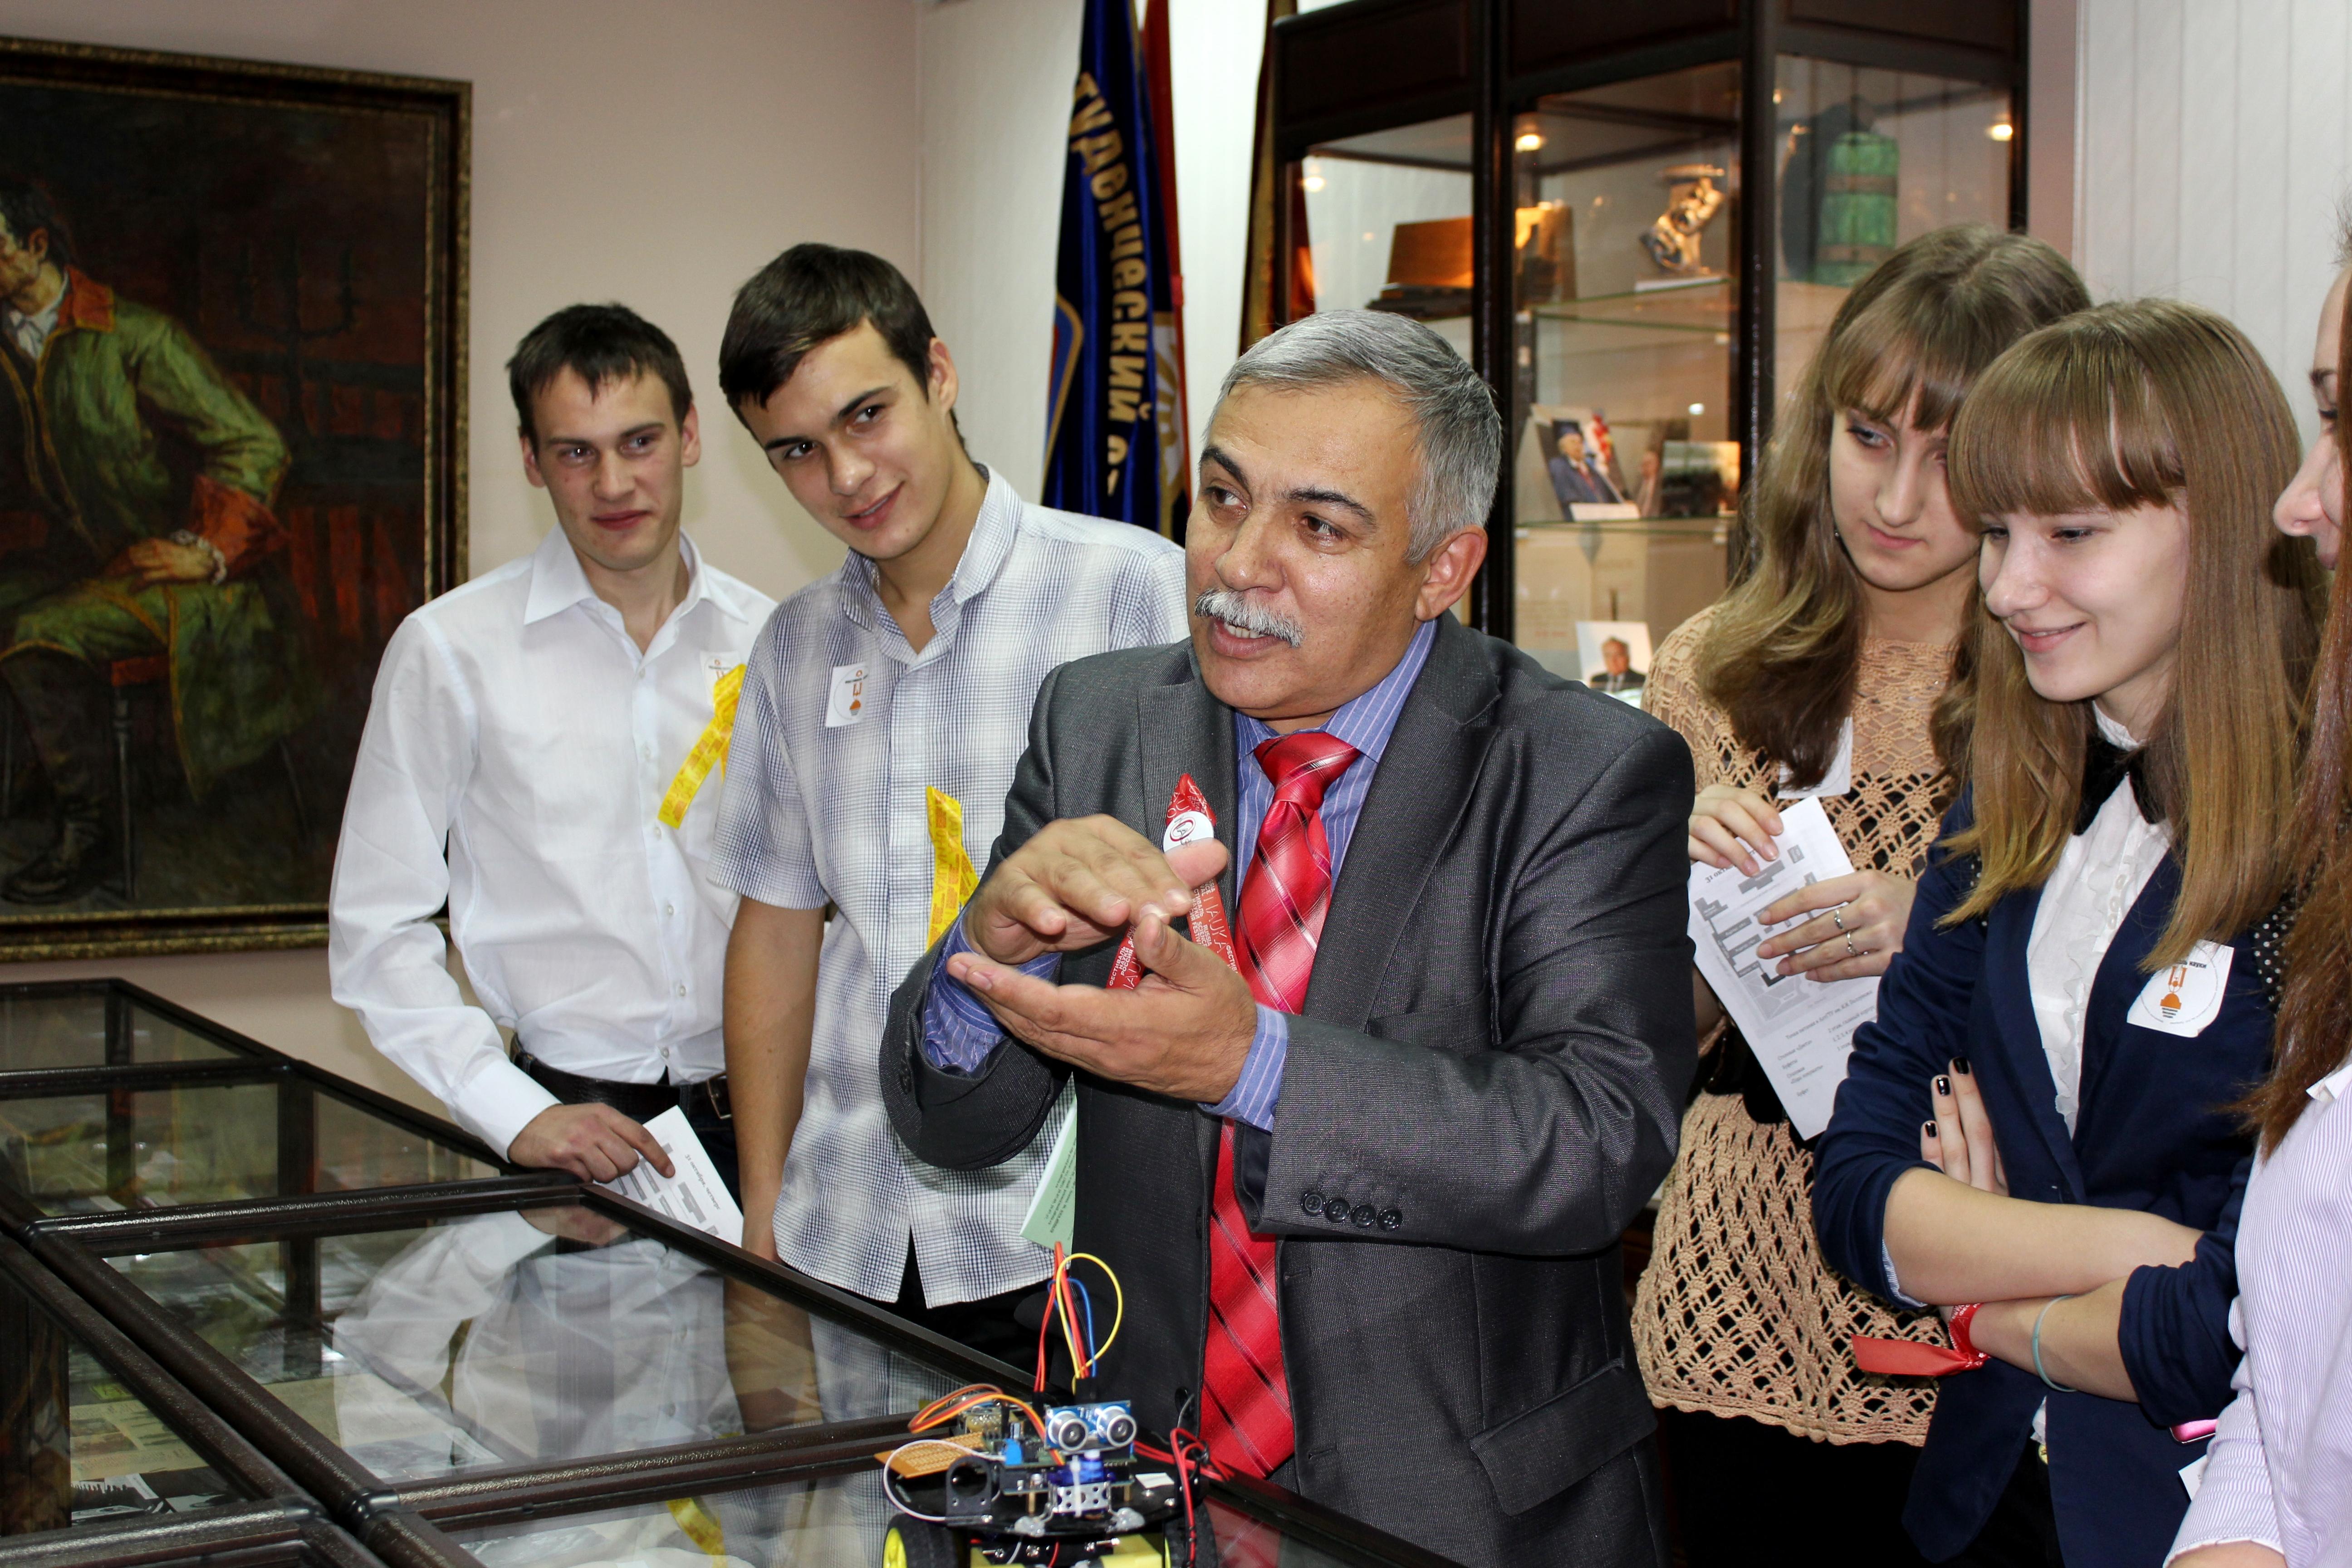 Сайт музея АлтГТУ пользуется популярностью у жителей Алтайского края